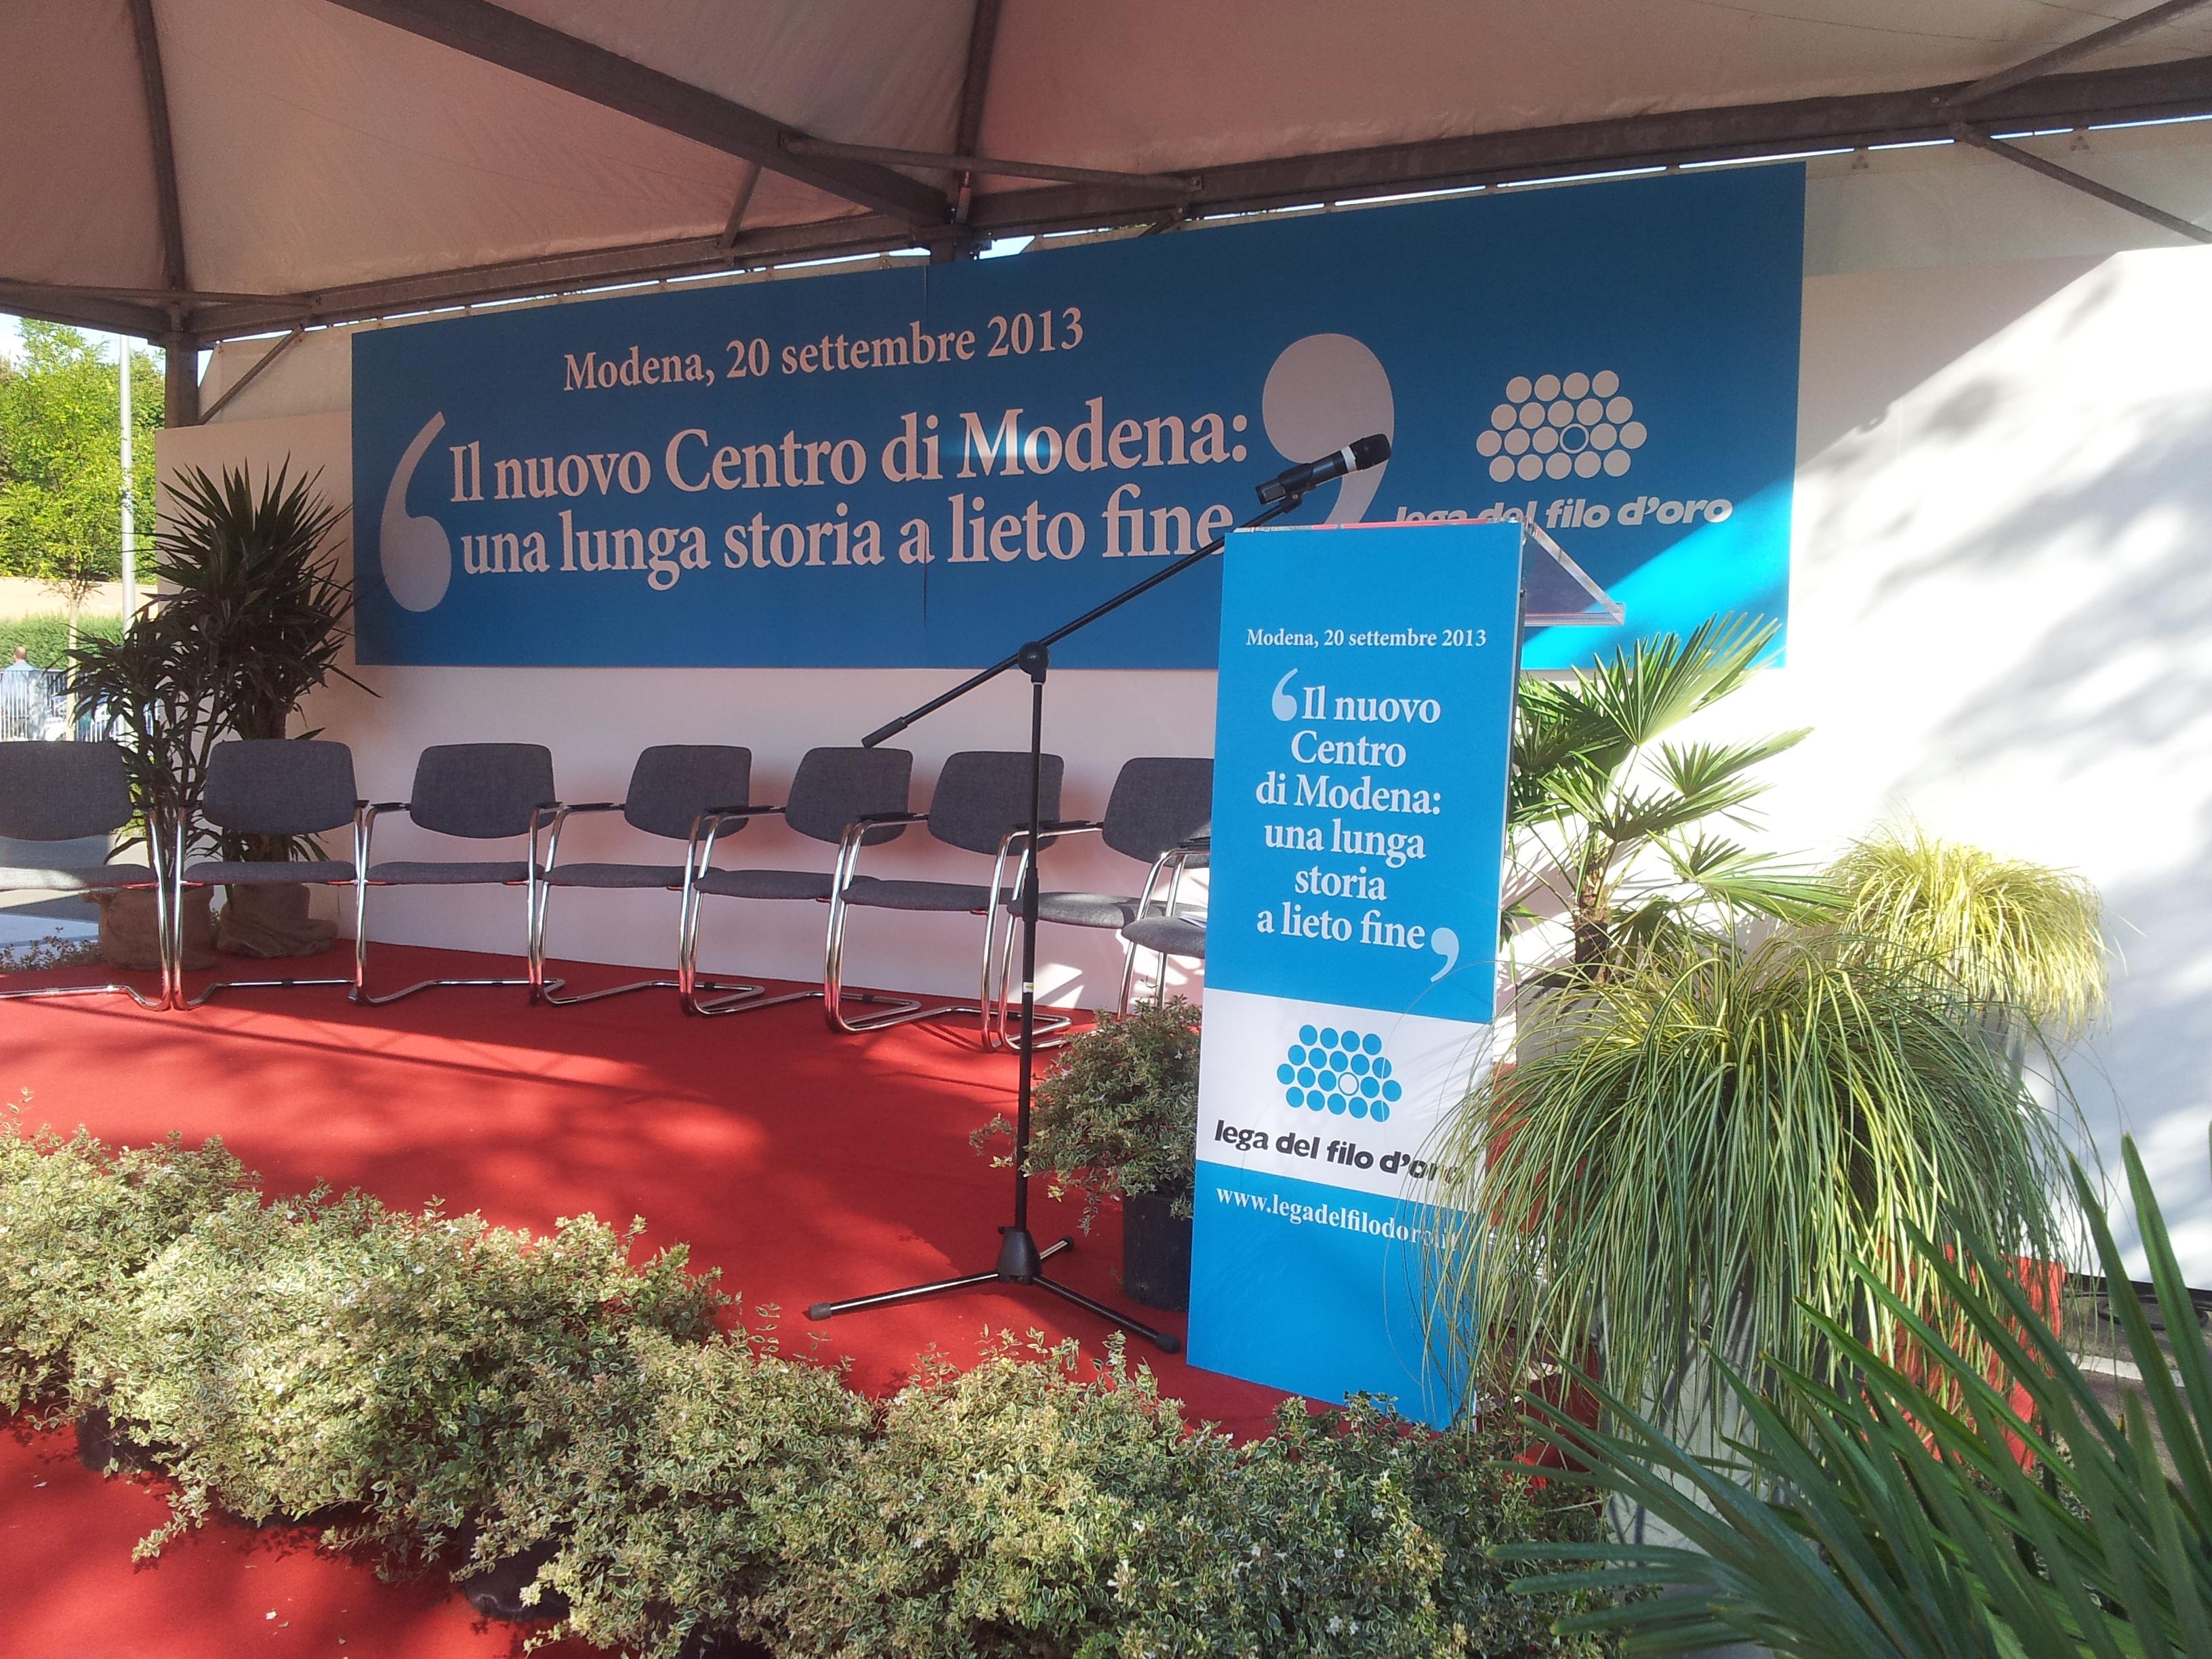 LEGA DEL FILO D'ORO - vestizione inaugurazione Modena